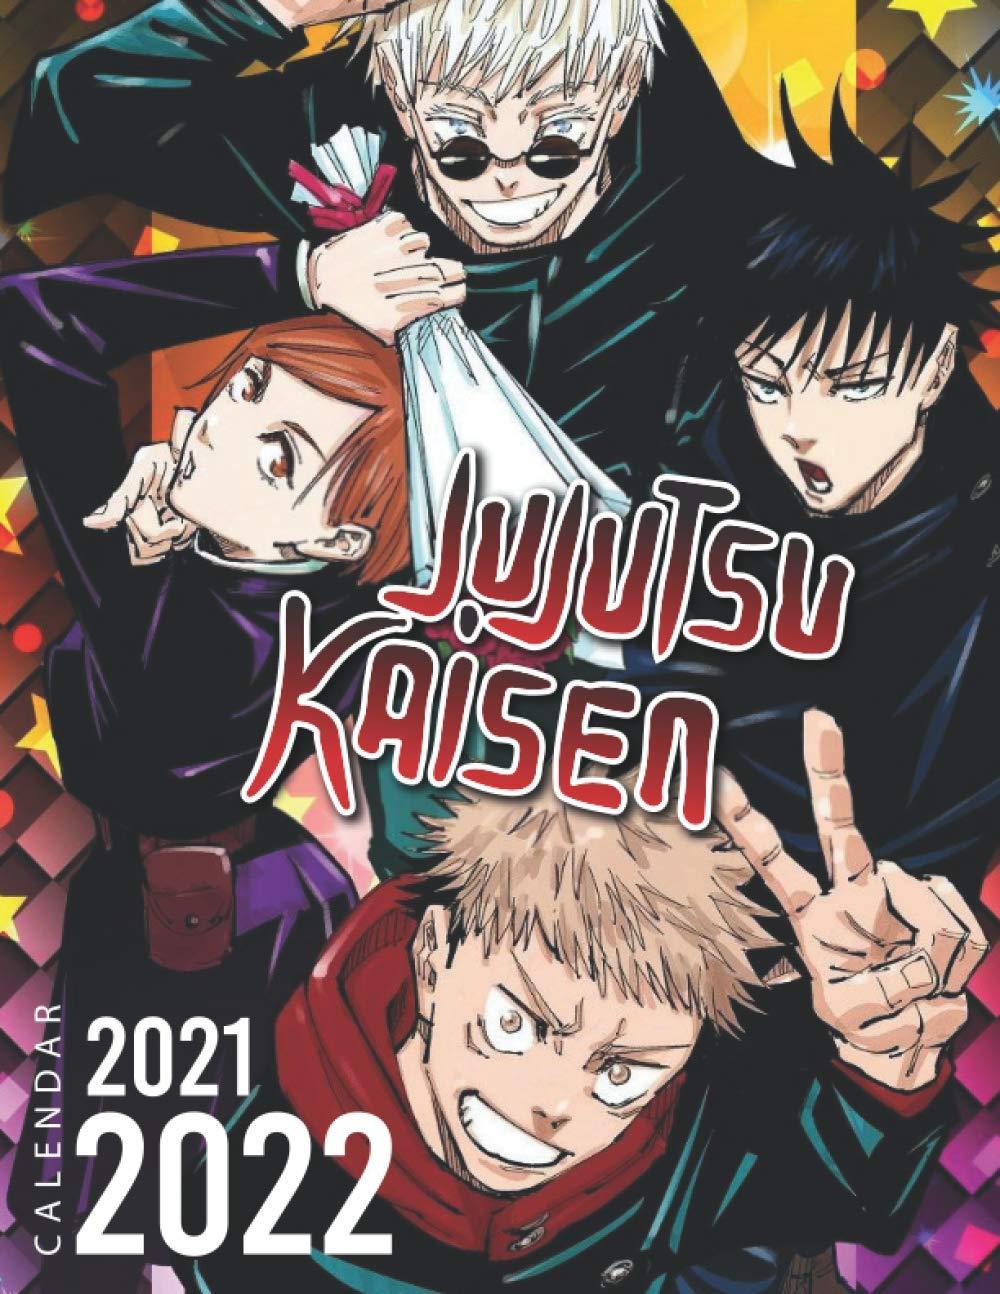 Jujutsu Kaisen Calendar 2021 2022 Special Calendar Planner For Fans 2 Years Calendar Calendar Jungler 9798595639989 Amazon Com Books